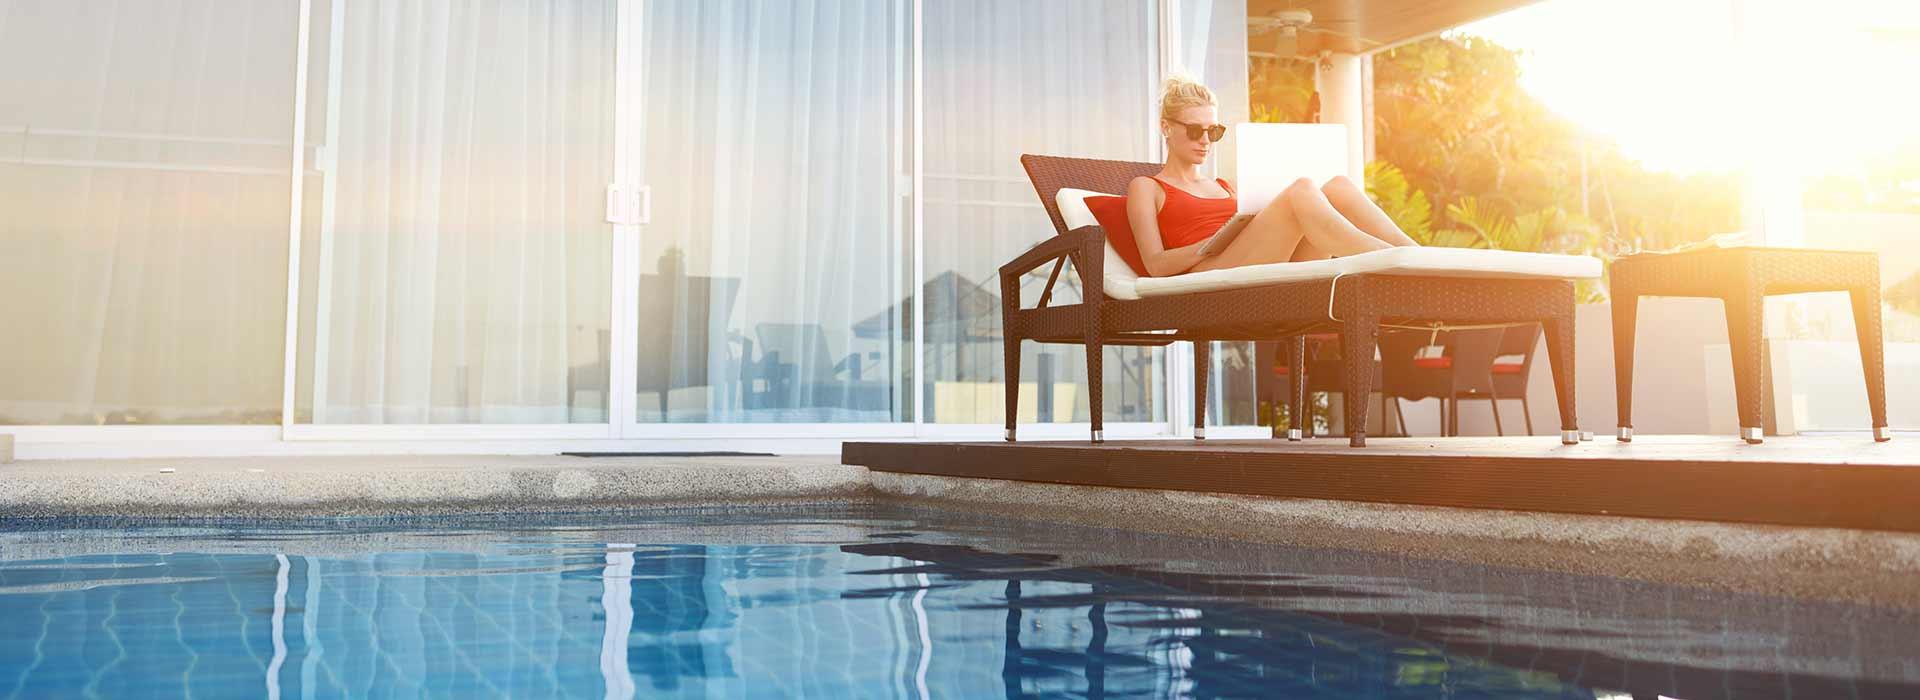 Femme allongée sur un transat en train de lire, près d'une piscine.